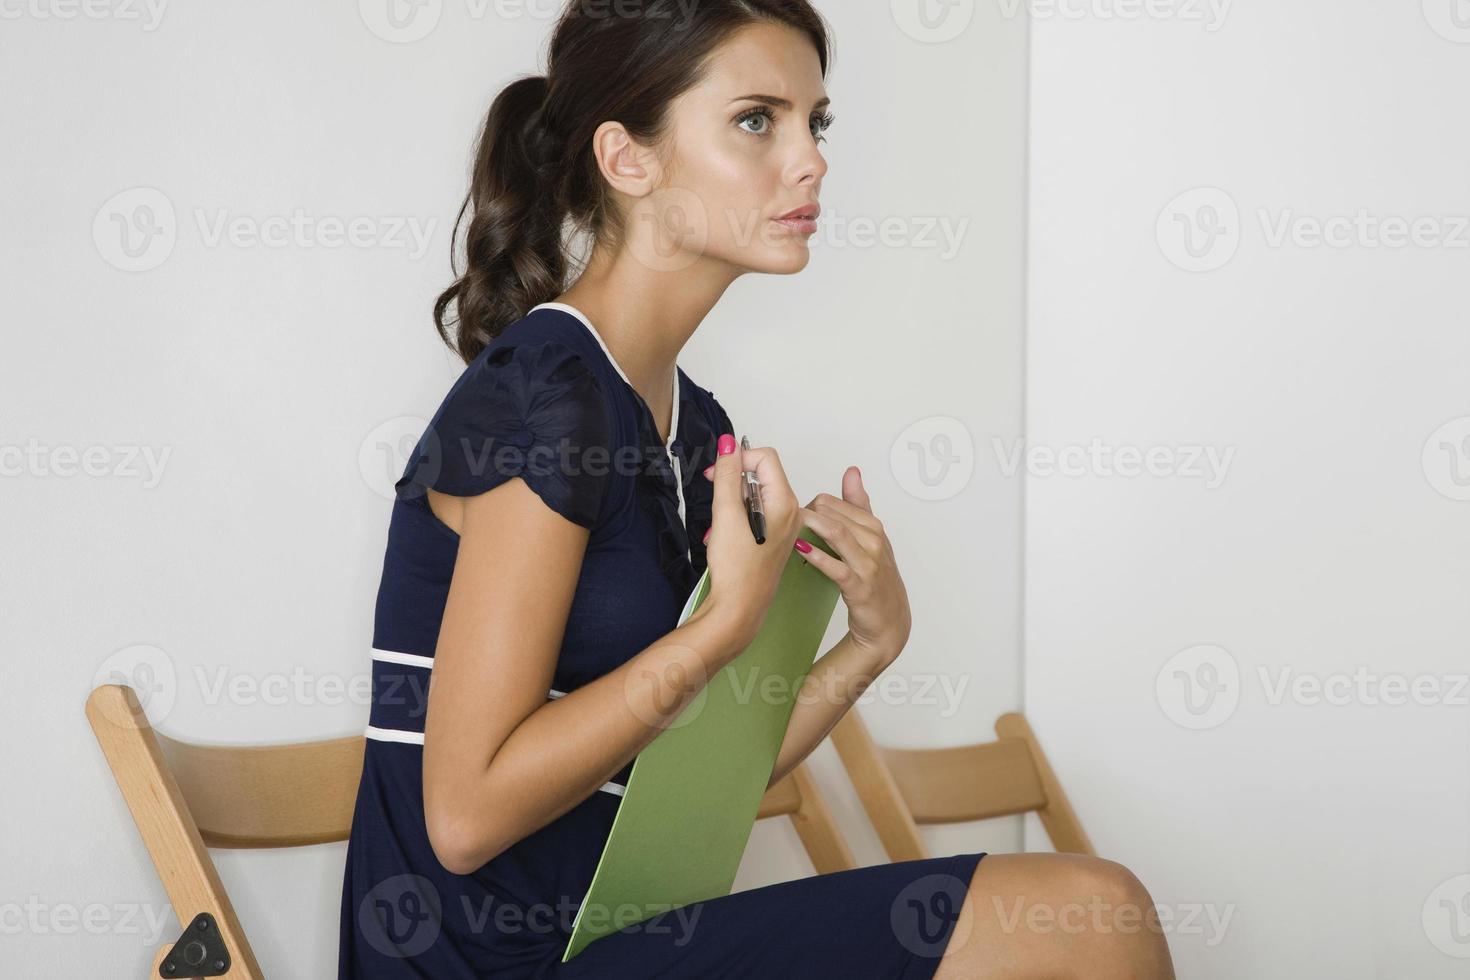 mulher pensativa em vestido azul com prancheta foto